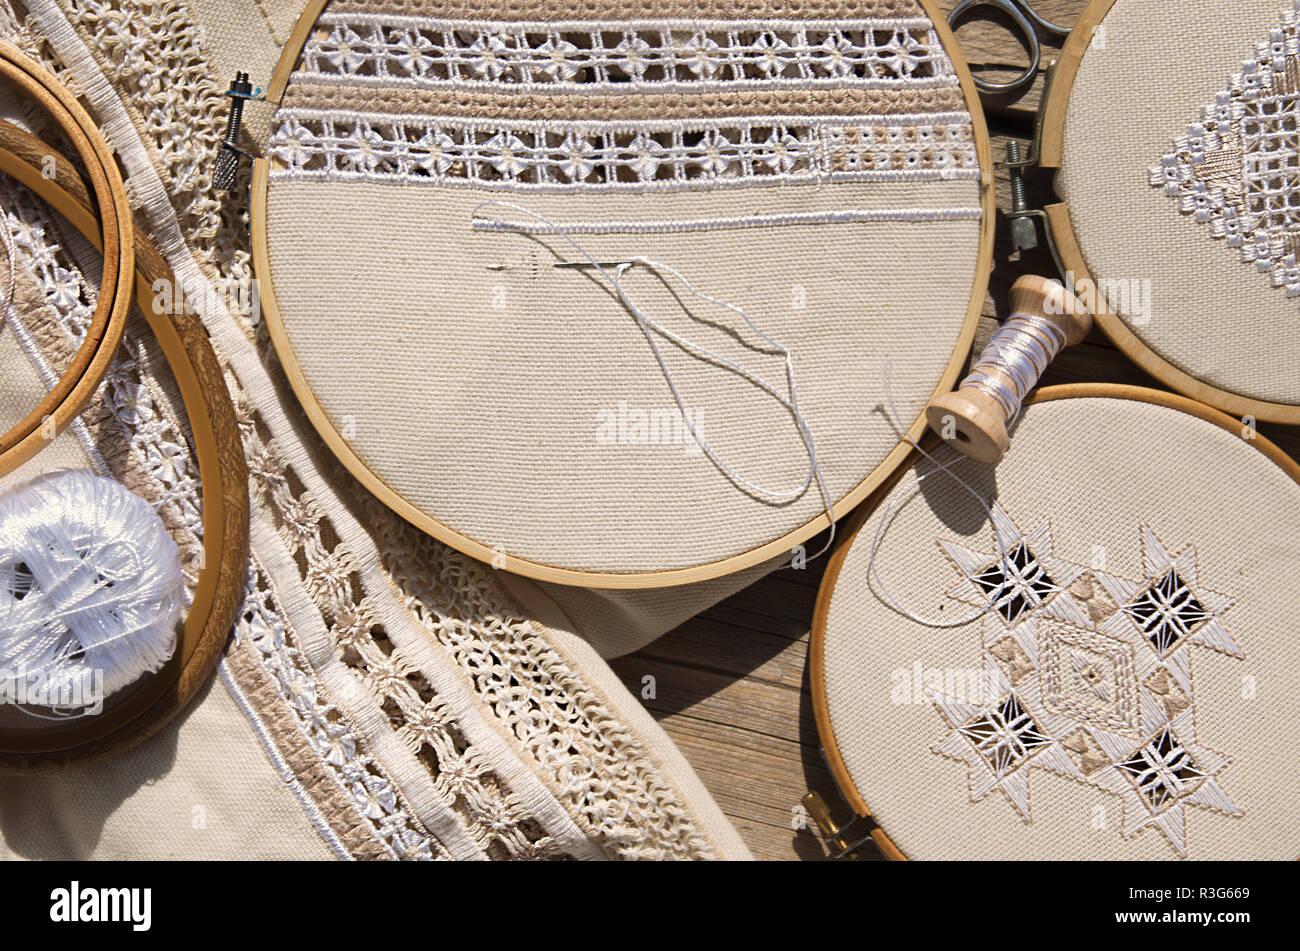 Scandinavian Embroidery Imágenes De Stock & Scandinavian Embroidery ...